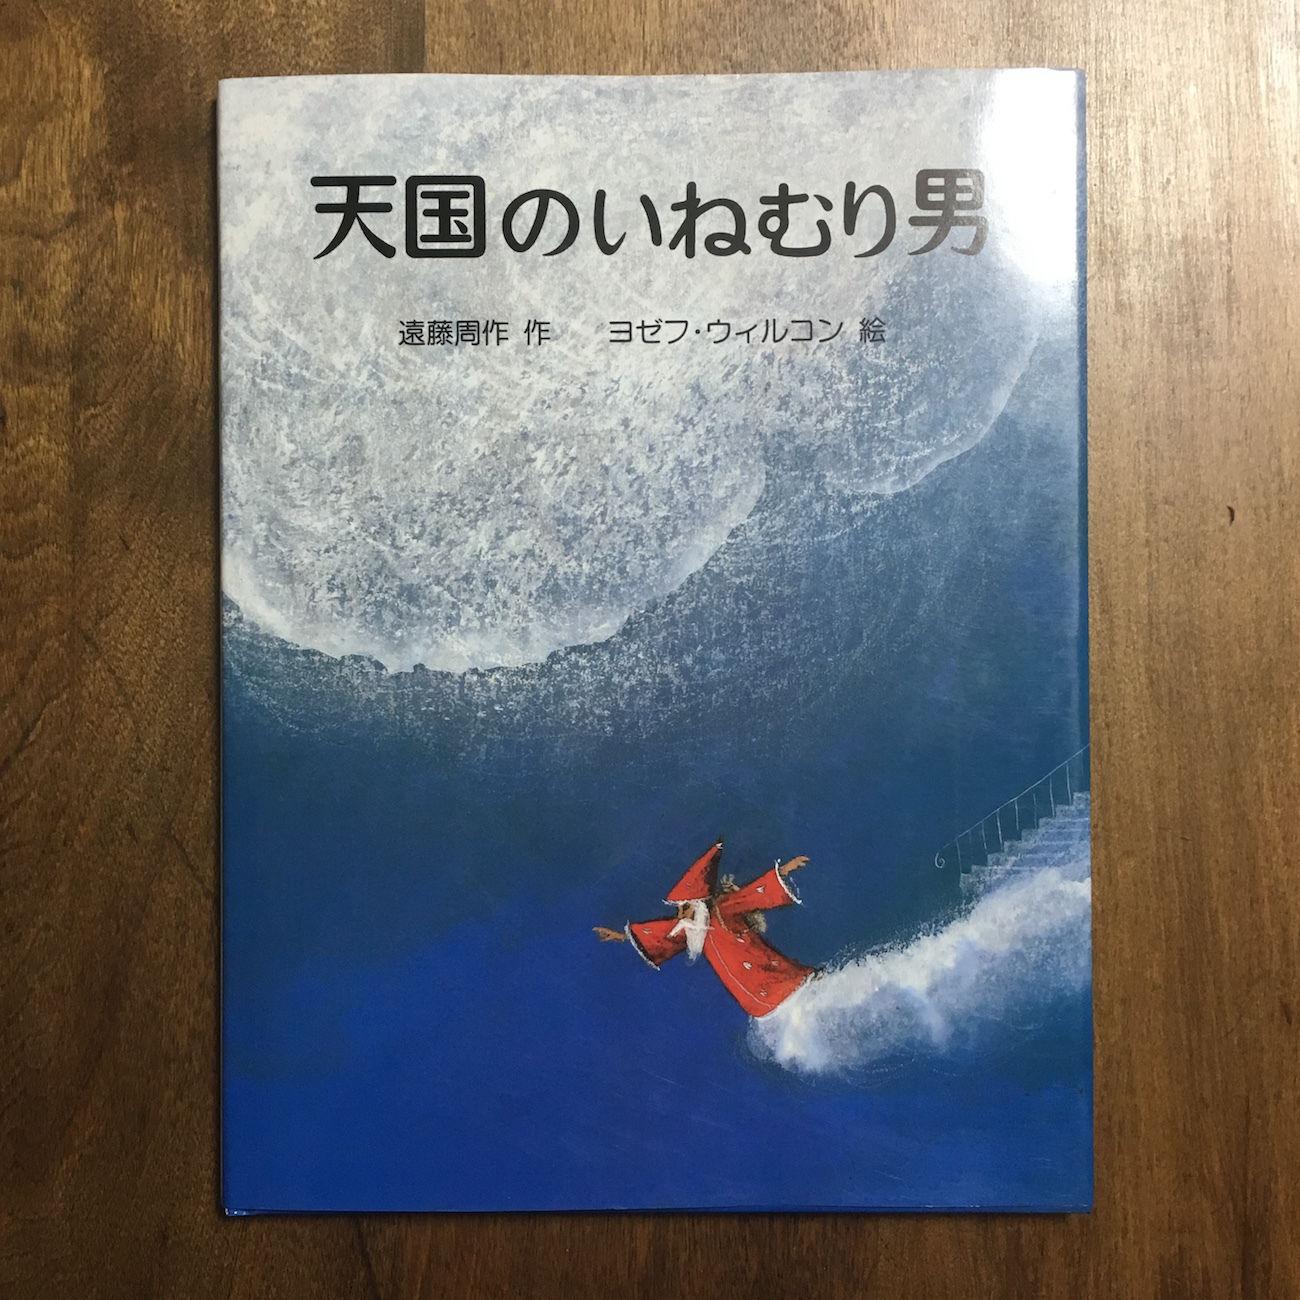 「天国のいねむり男」遠藤周作 作 ヨゼフ・ウィルコン 絵